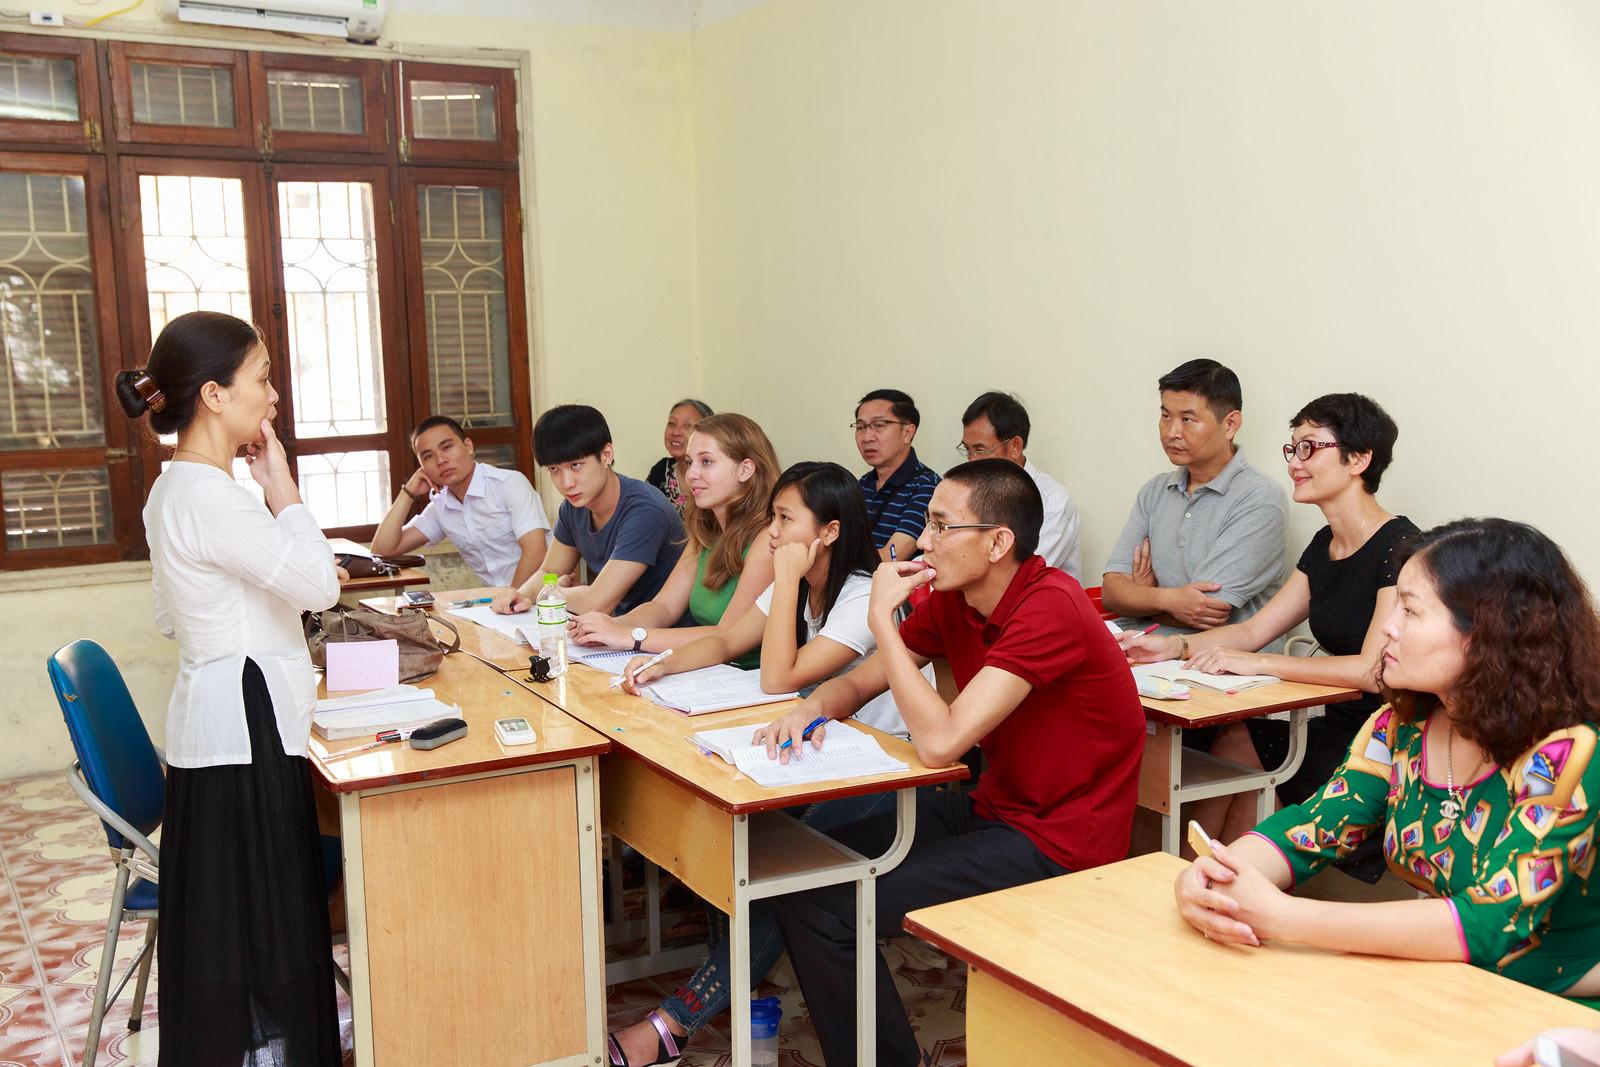 """Tuyển sinh khoá """"Phương pháp giảng dạy tiếng Việt cho người nước ngoài"""", 12/2016"""